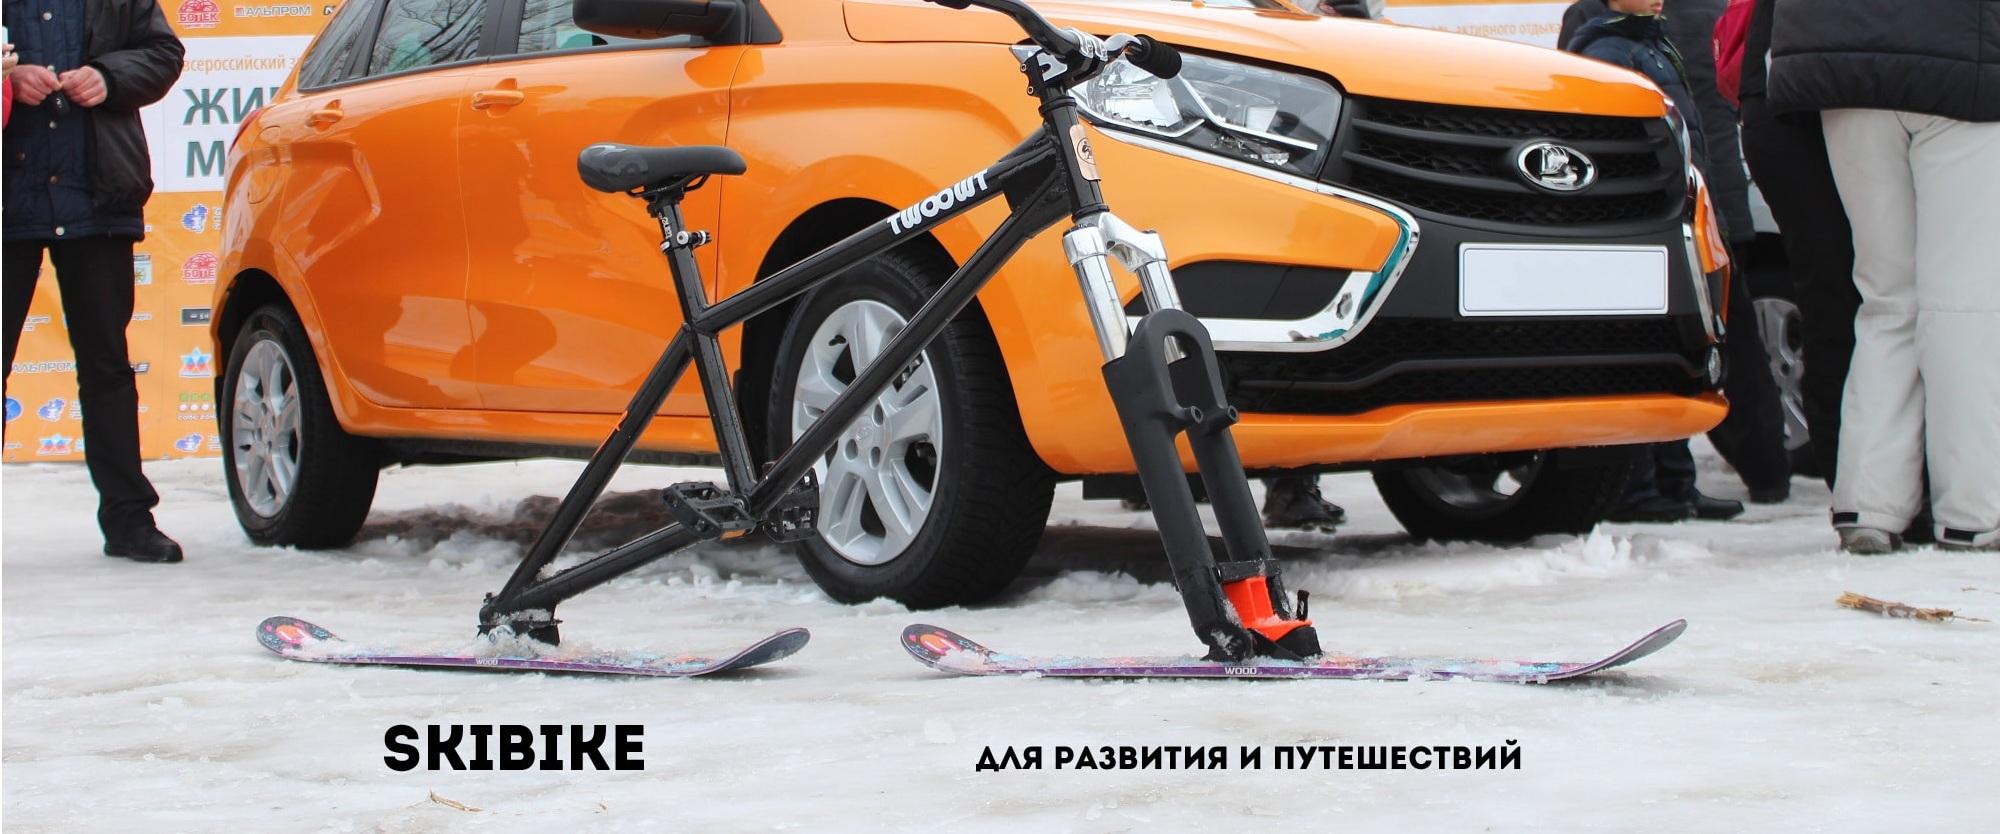 Skibike_5